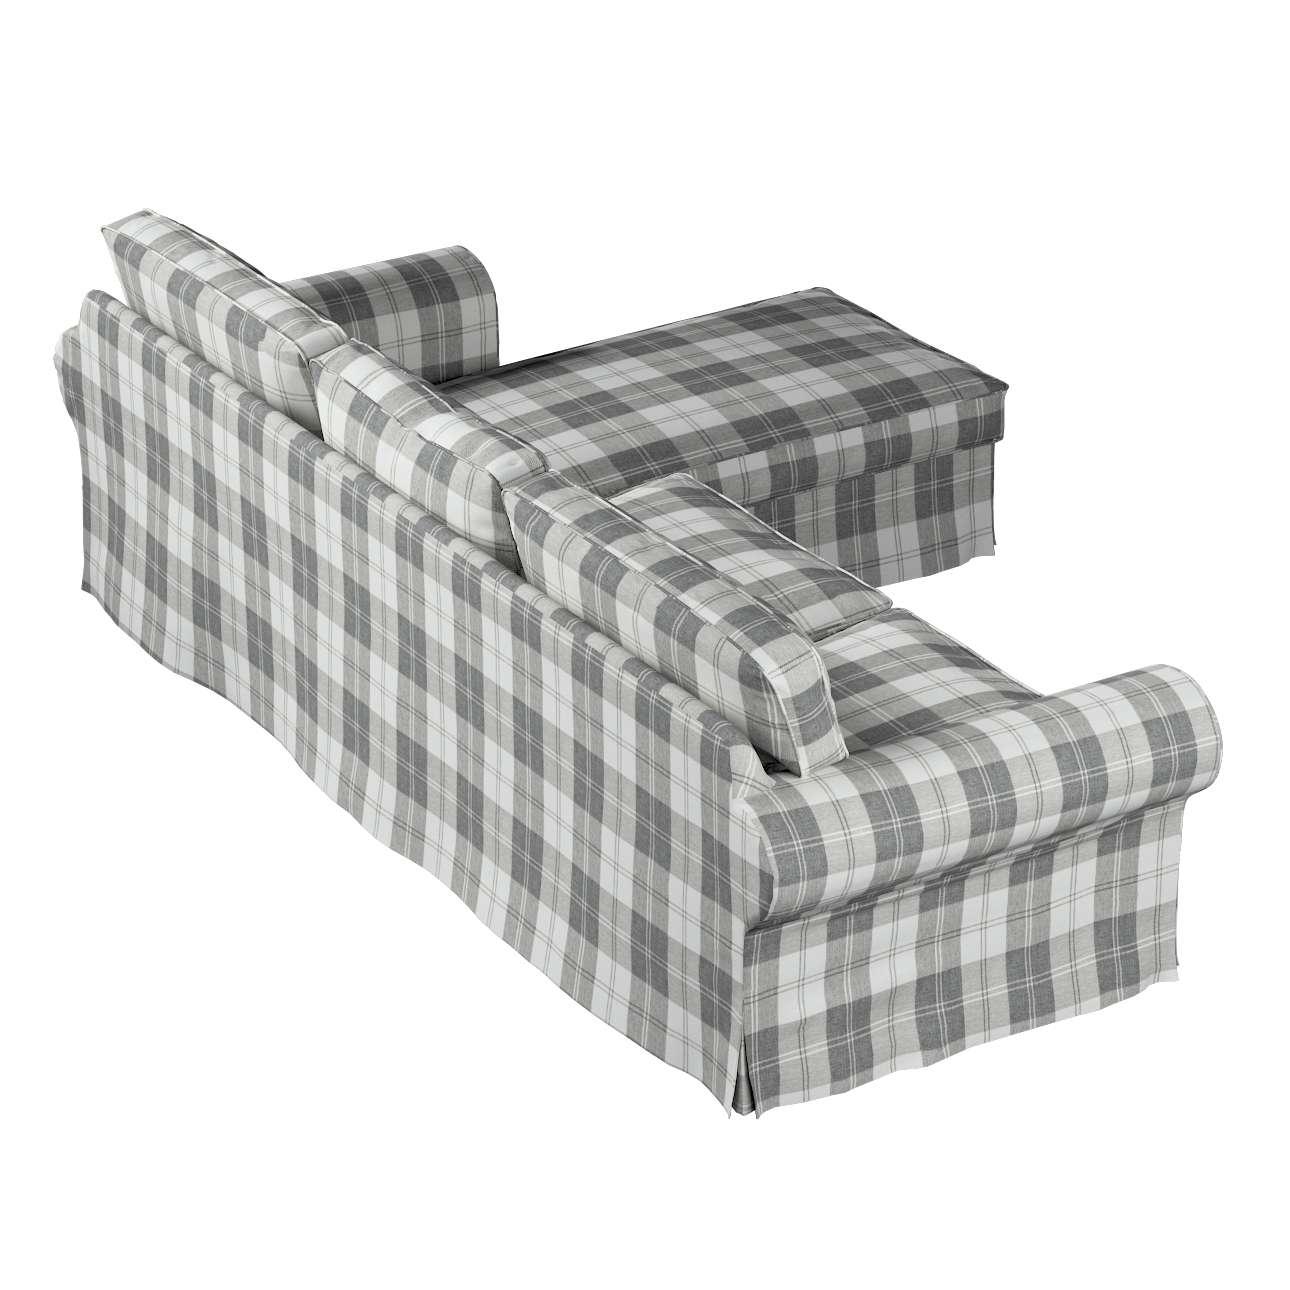 Pokrowiec na sofę Ektorp 2-osobową i leżankę sofa ektorp 2-os. i leżanka w kolekcji Edinburgh, tkanina: 115-79